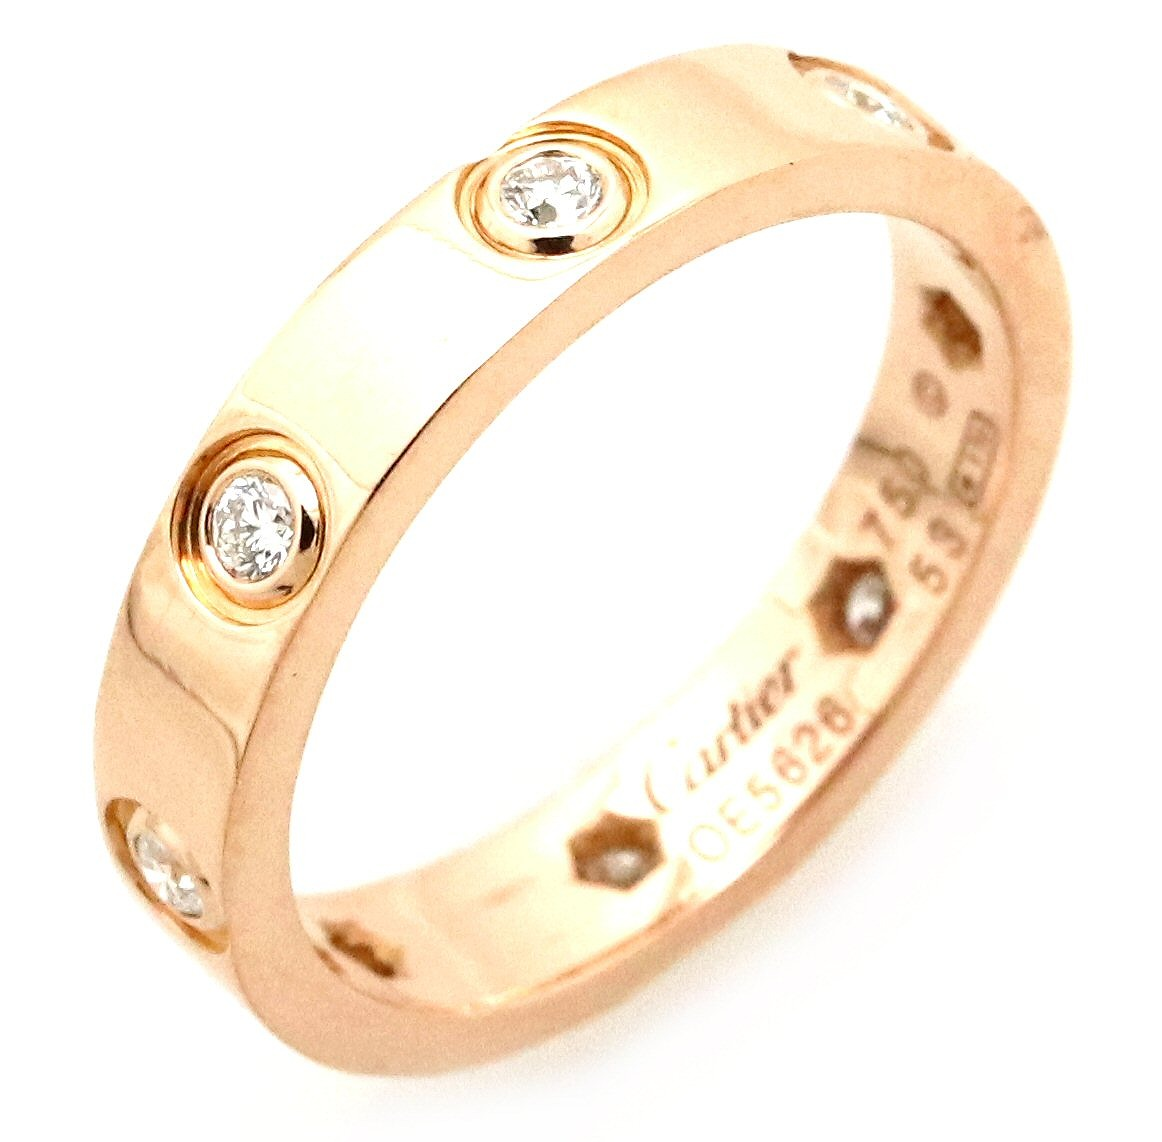 【ジュエリー】【新品仕上げ済】Cartier カルティエ LOVE ミニラブリング ウエディングリング 指輪 13号 #53 フルダイヤ 8PD ダイヤモンド K18PG ピンクゴールド B4050800 【中古】